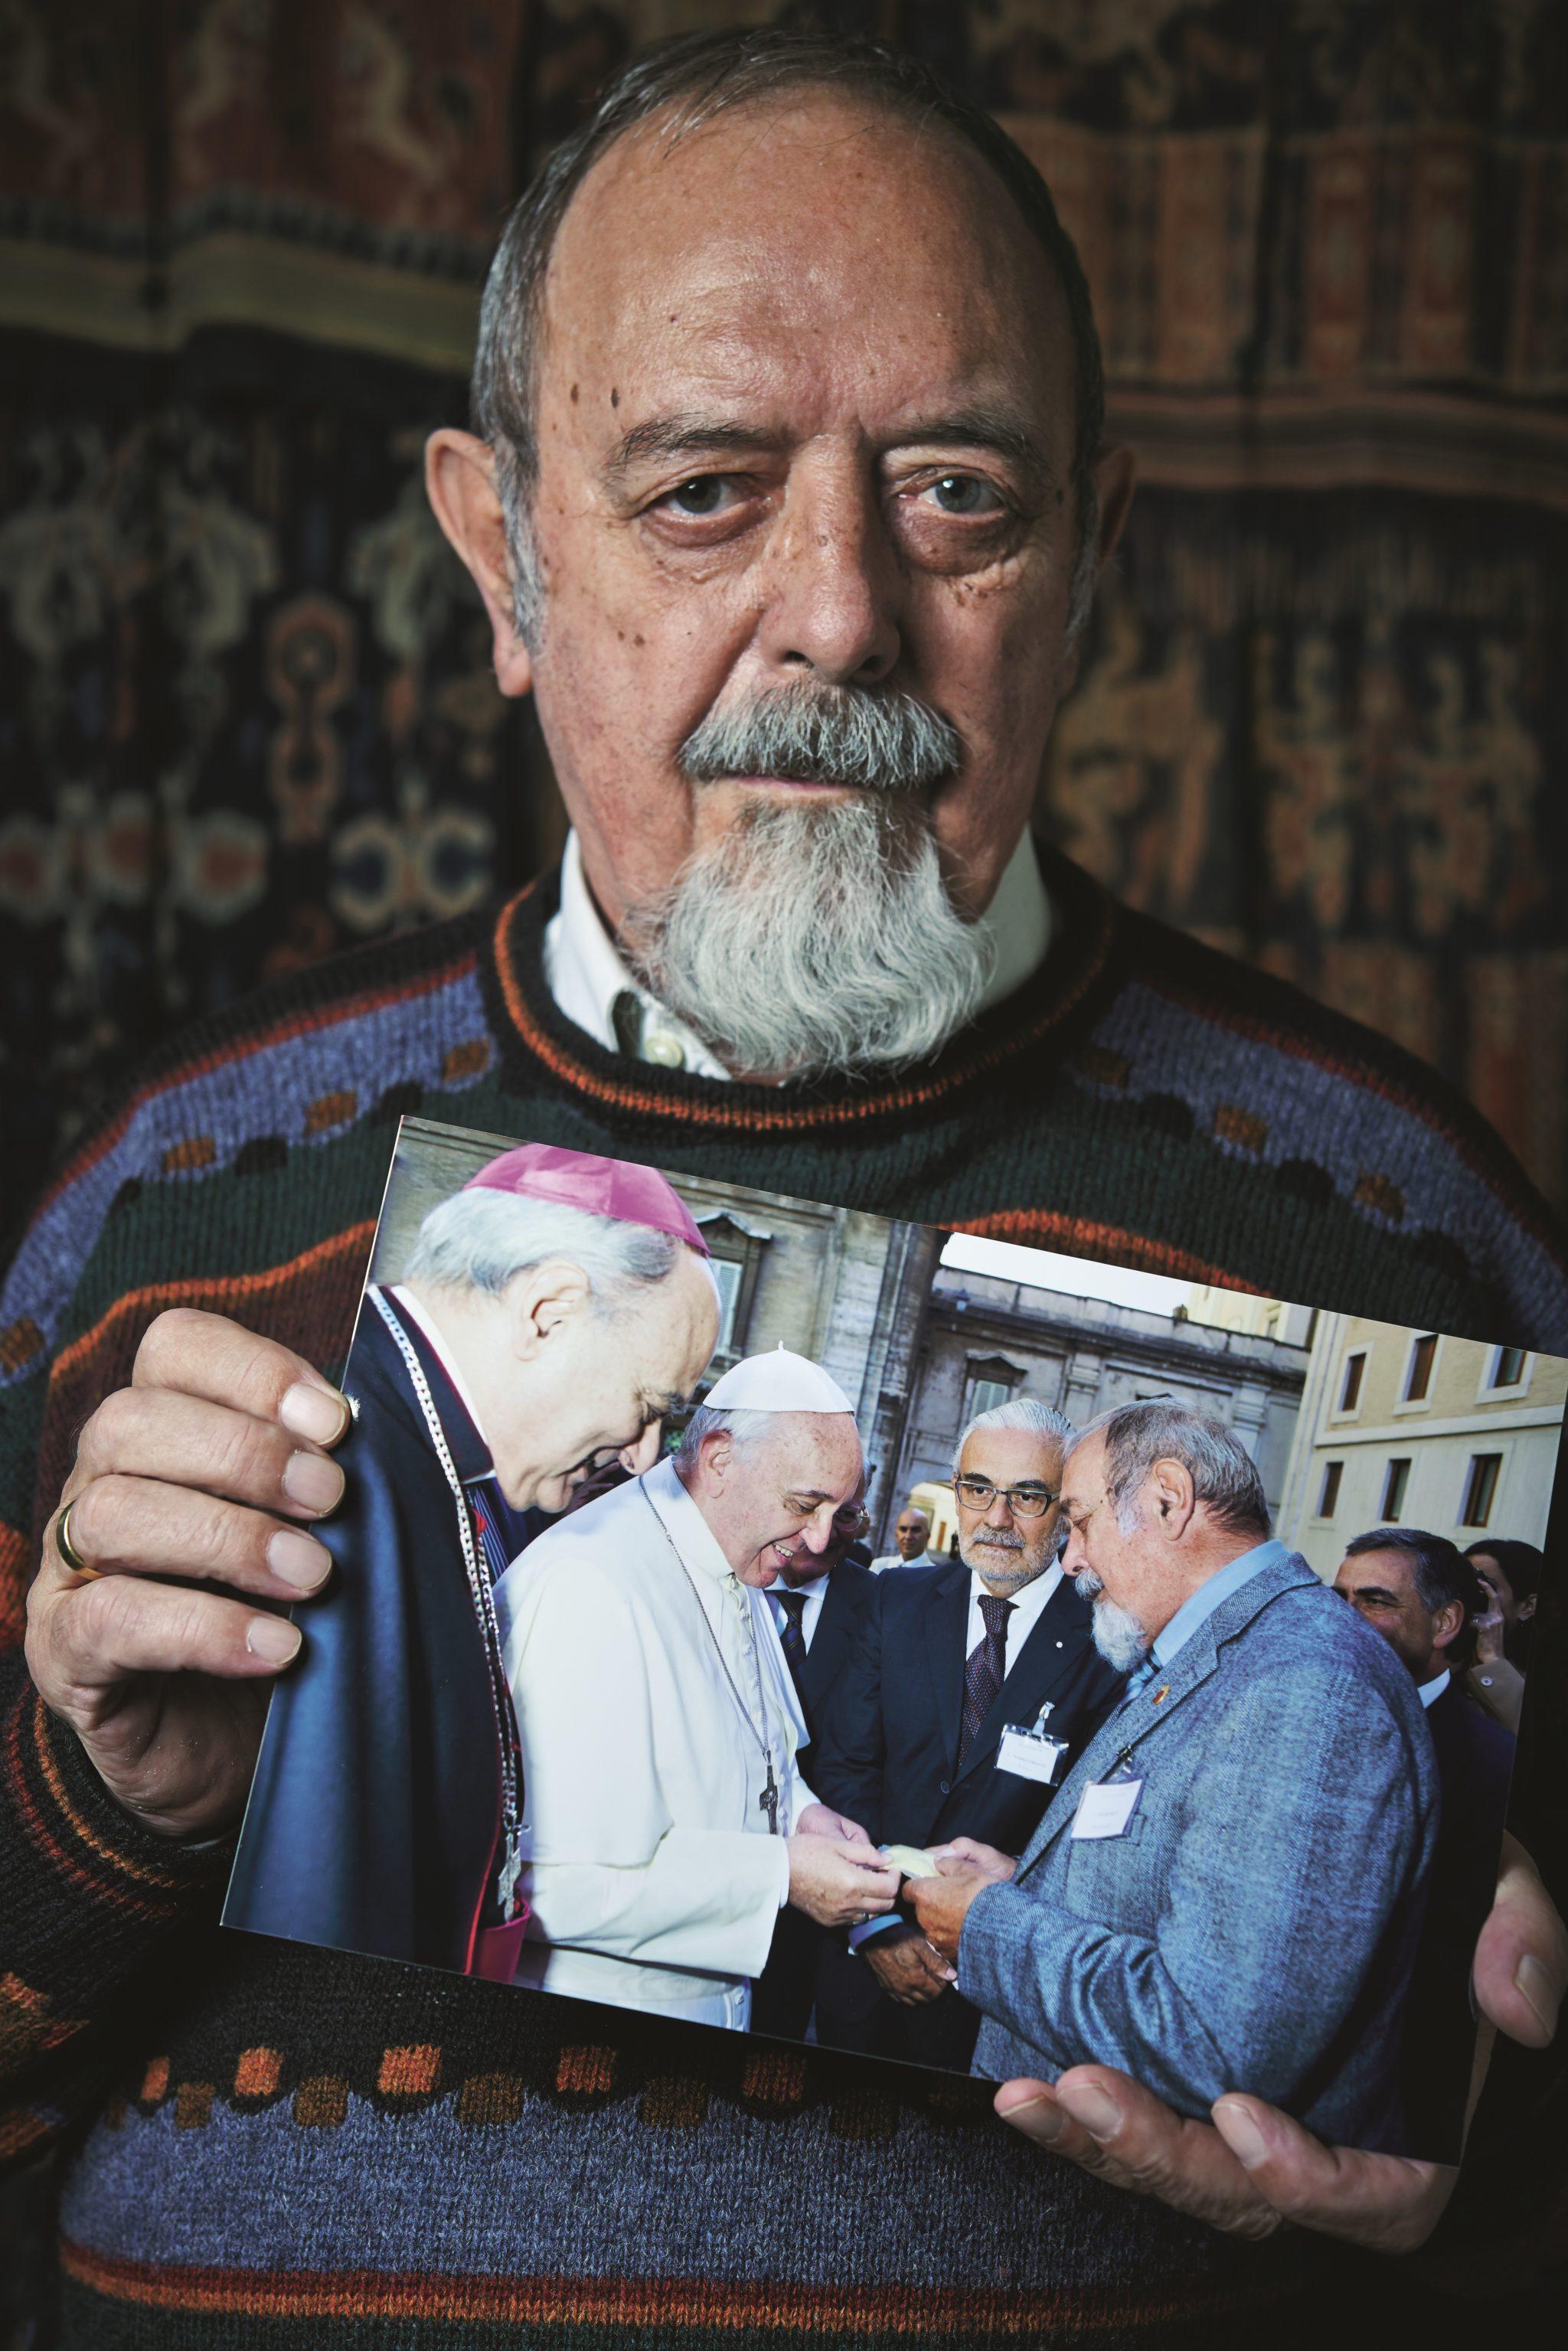 Der Forscher Ingo Potrykus hält ein Foto vor seinen Oberkörper und blickt ernst in die Kamera. Auf dem Foto zu sehen ist Franziskus neben einem Kardinal, der ein Säckchen Reis segnet, dass Ingo Potrykus in den Händen hält.